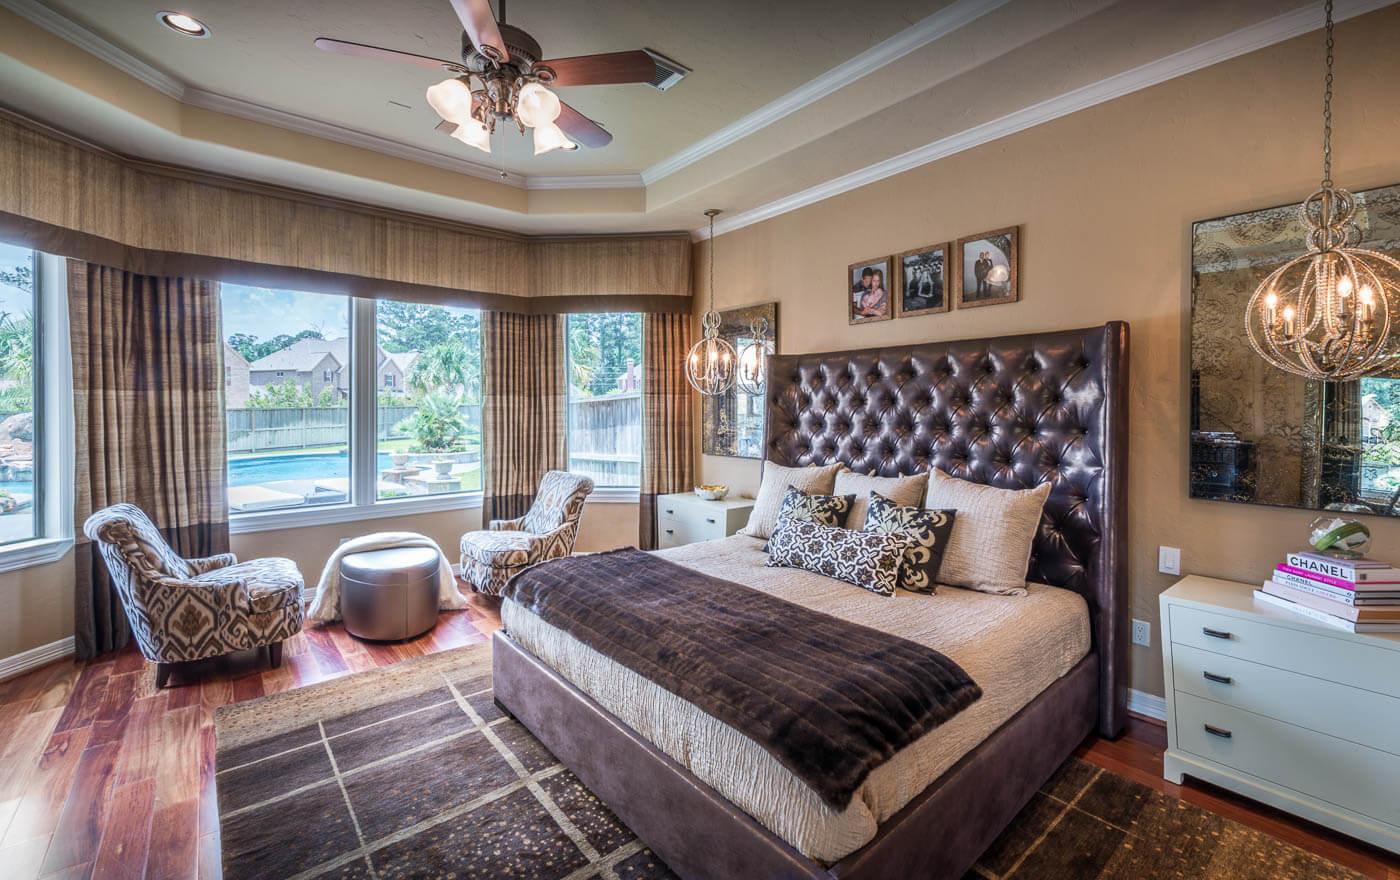 Bedroom Designs Top Designers